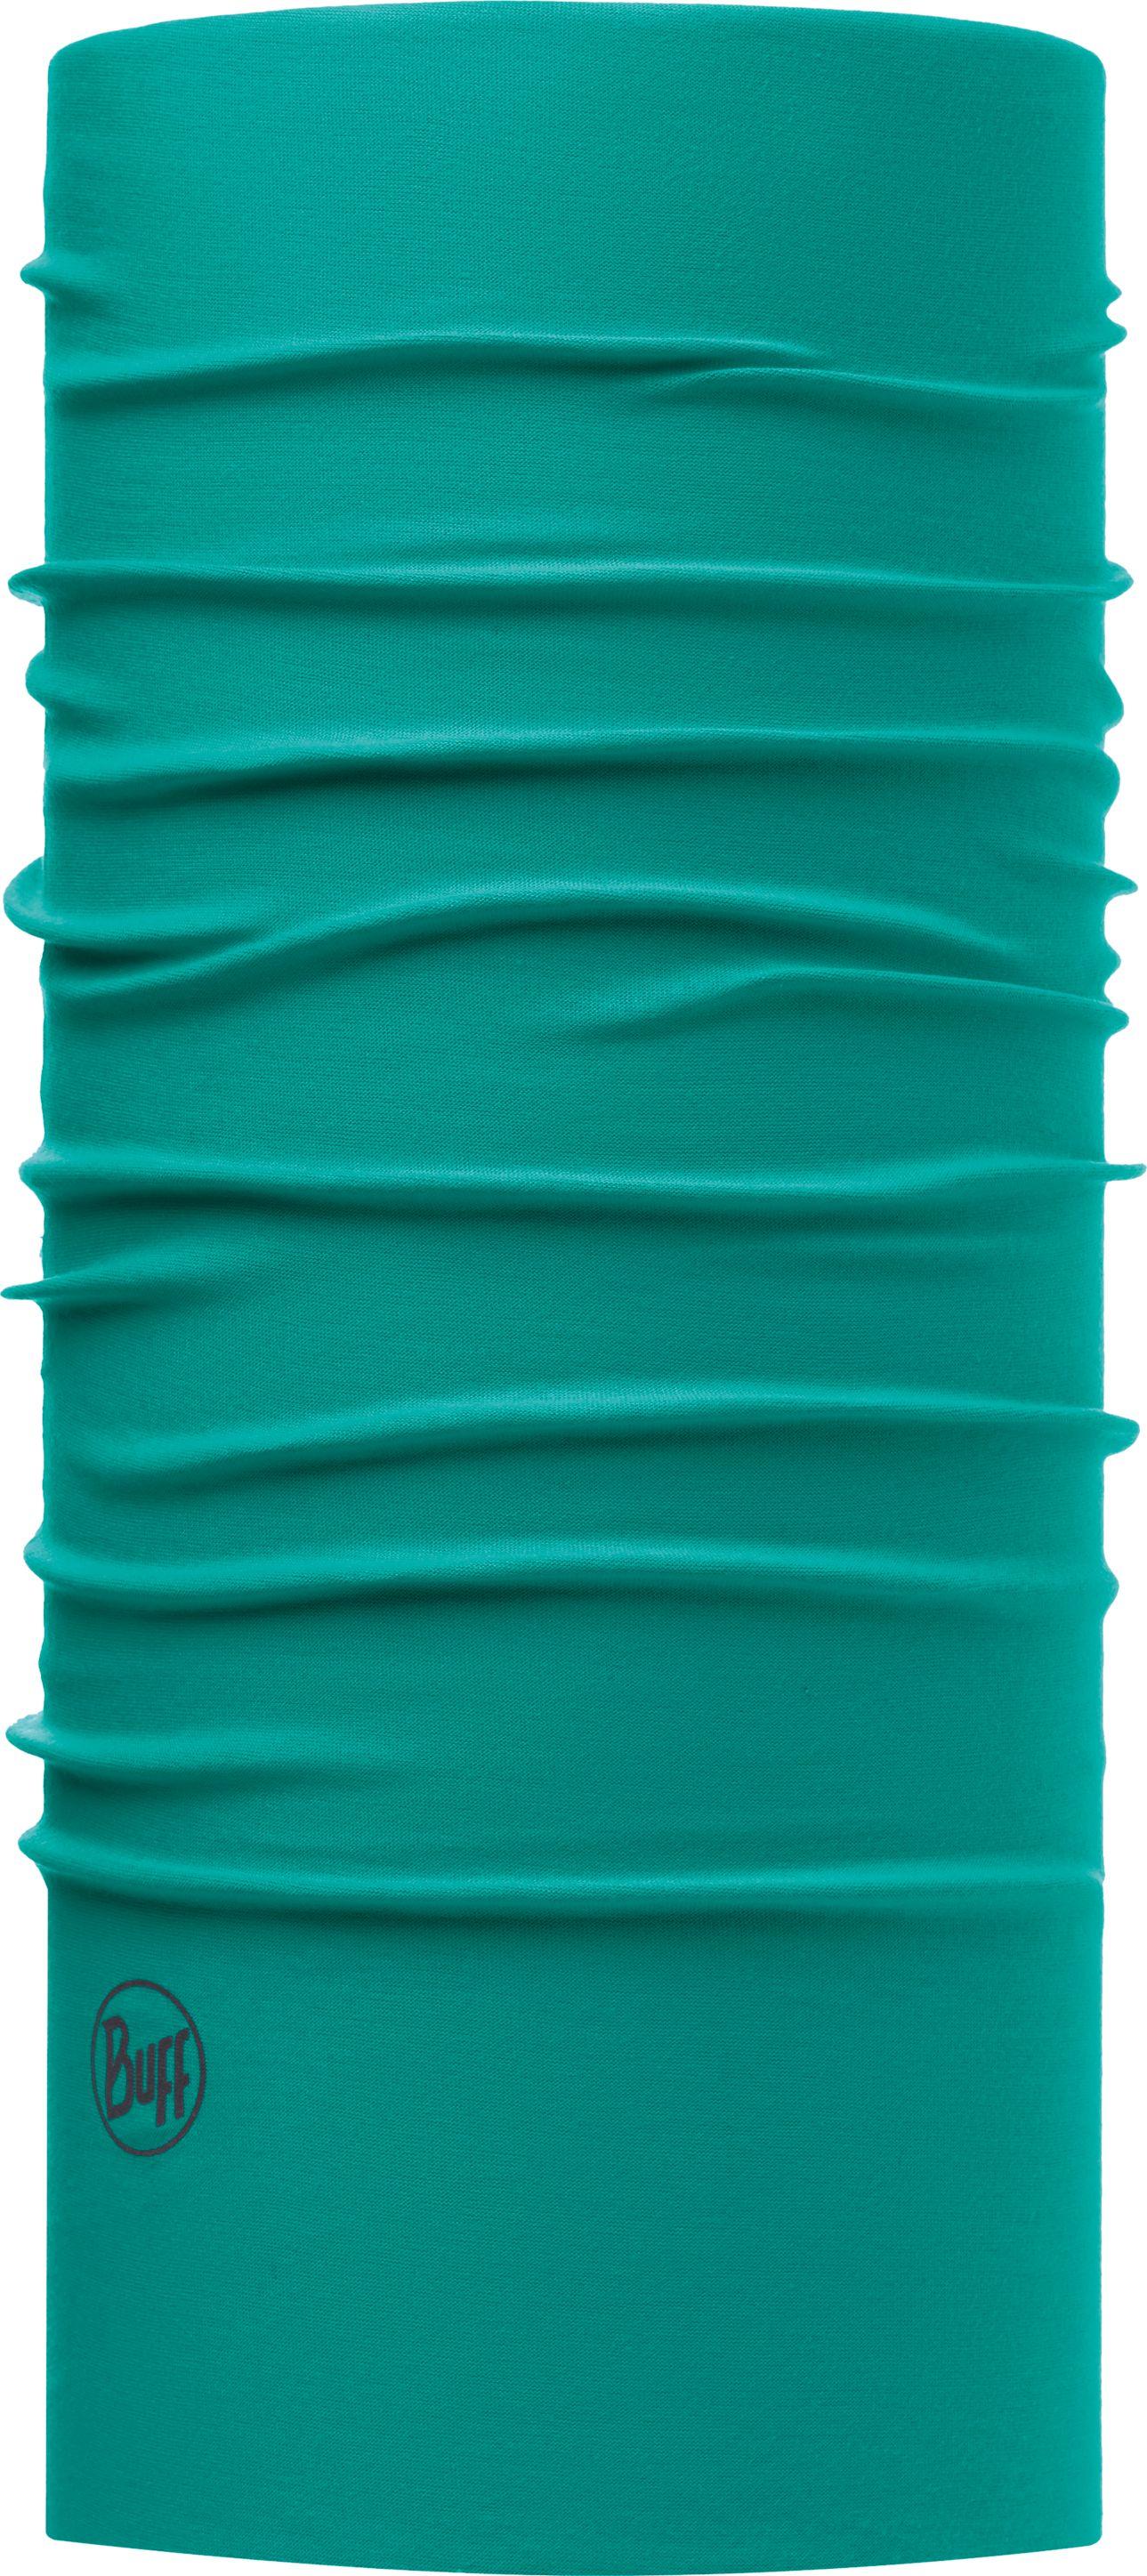 Купить Бандана Buff UV Protection Solid Turquoise, цвет: зеленый. 111426.789.10.00. Размер универсальный